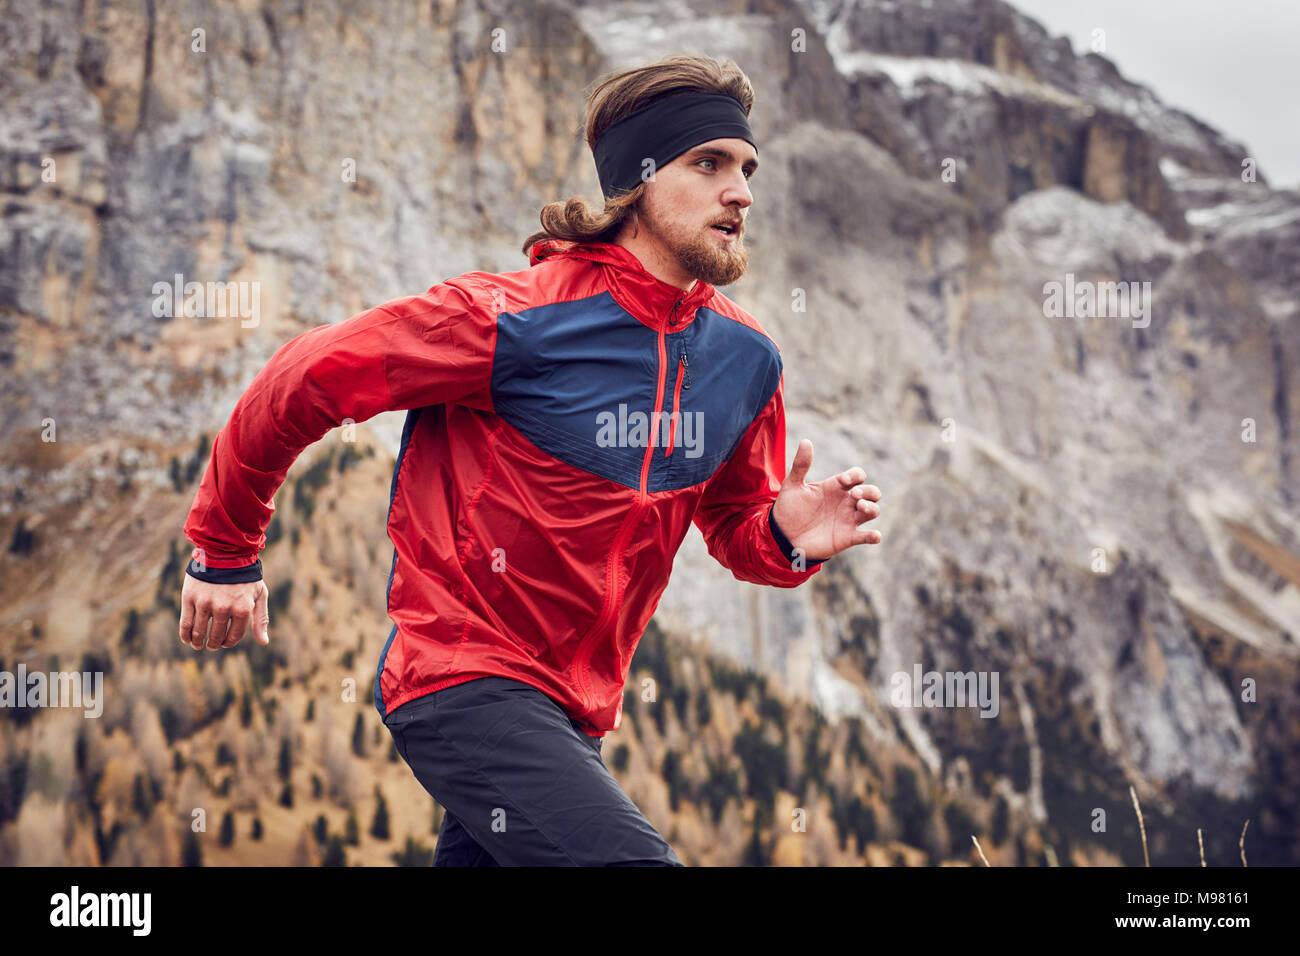 Uomo correre in montagne Immagini Stock